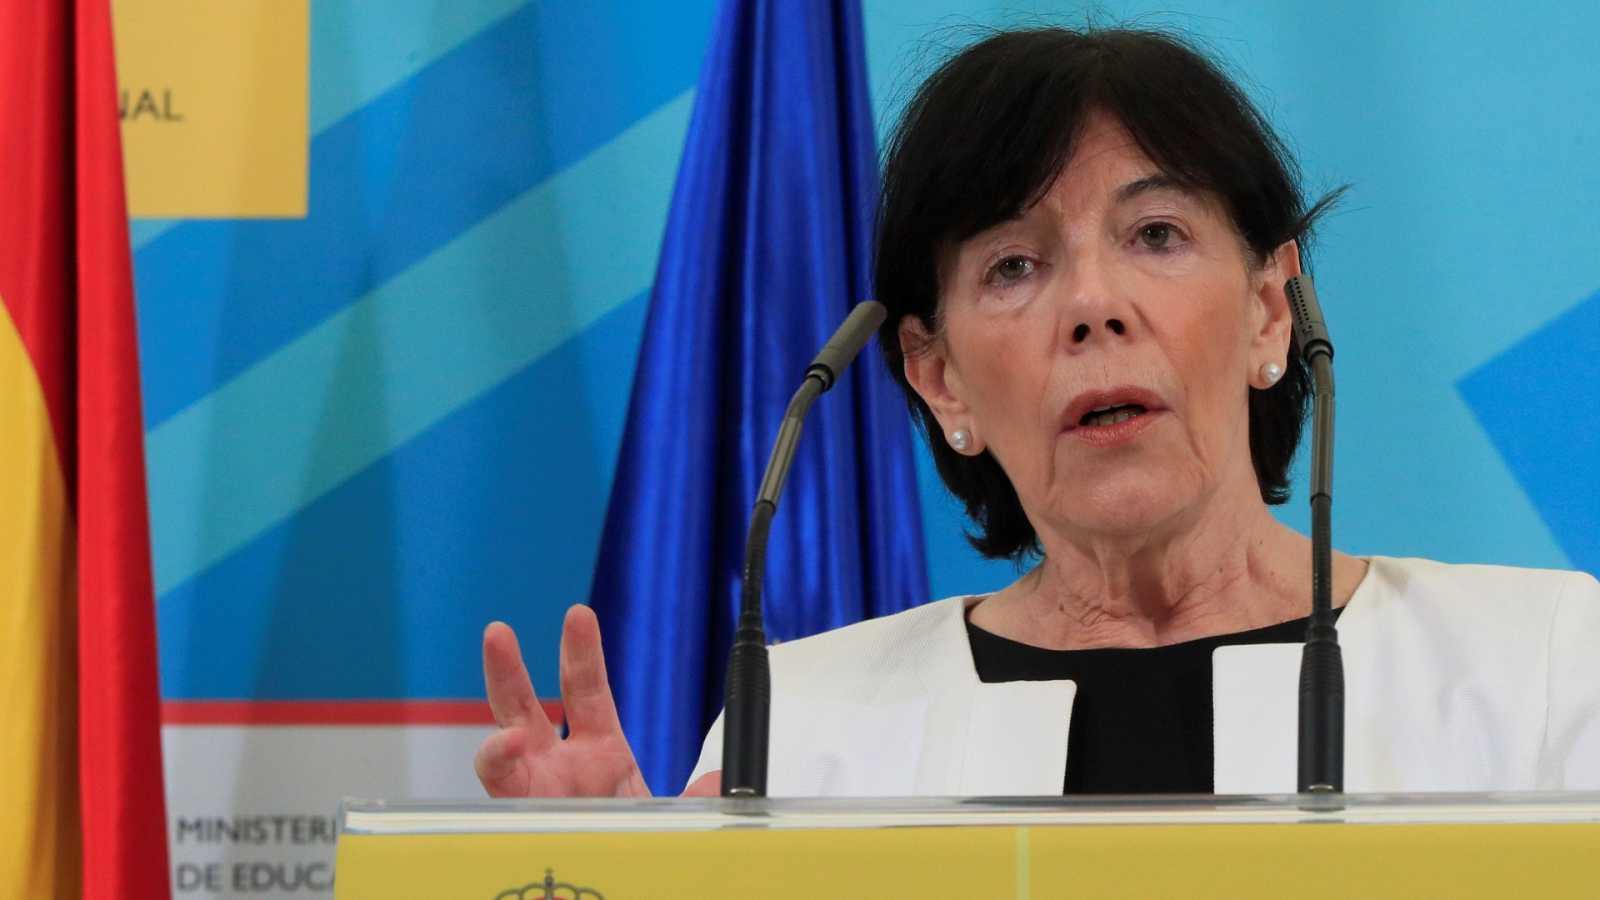 Educación presenta un plan con medidas para el inicio del curso pero Madrid y País Vasco se desmarcan